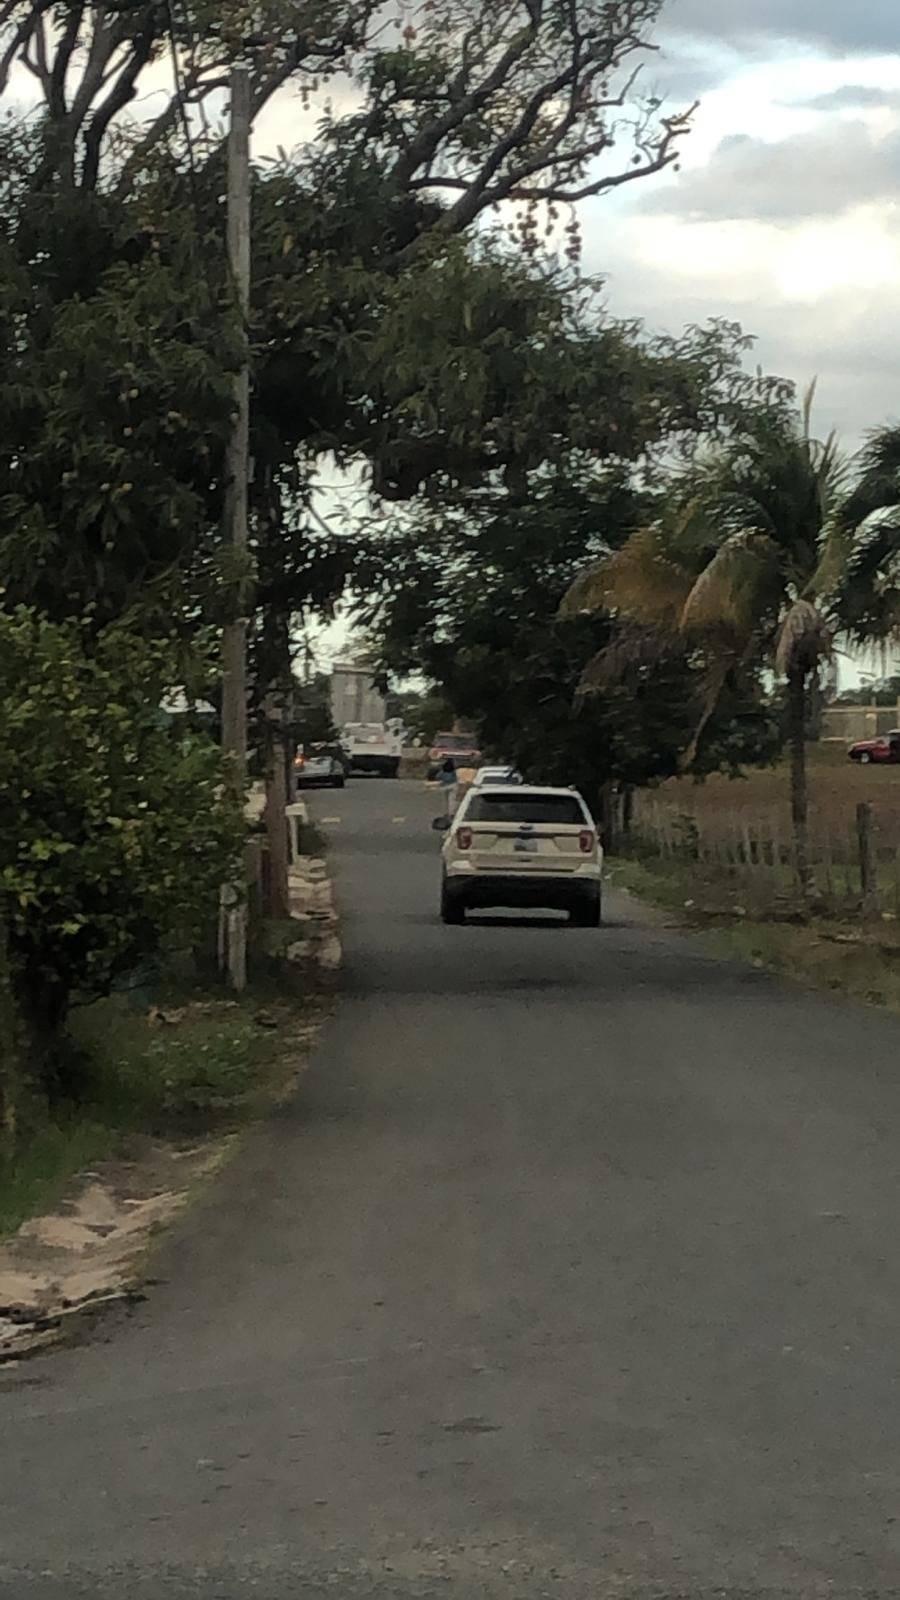 Por el estrecho camino de Villa Santa transitan los vehículos de la gente que busca el agua. Metro